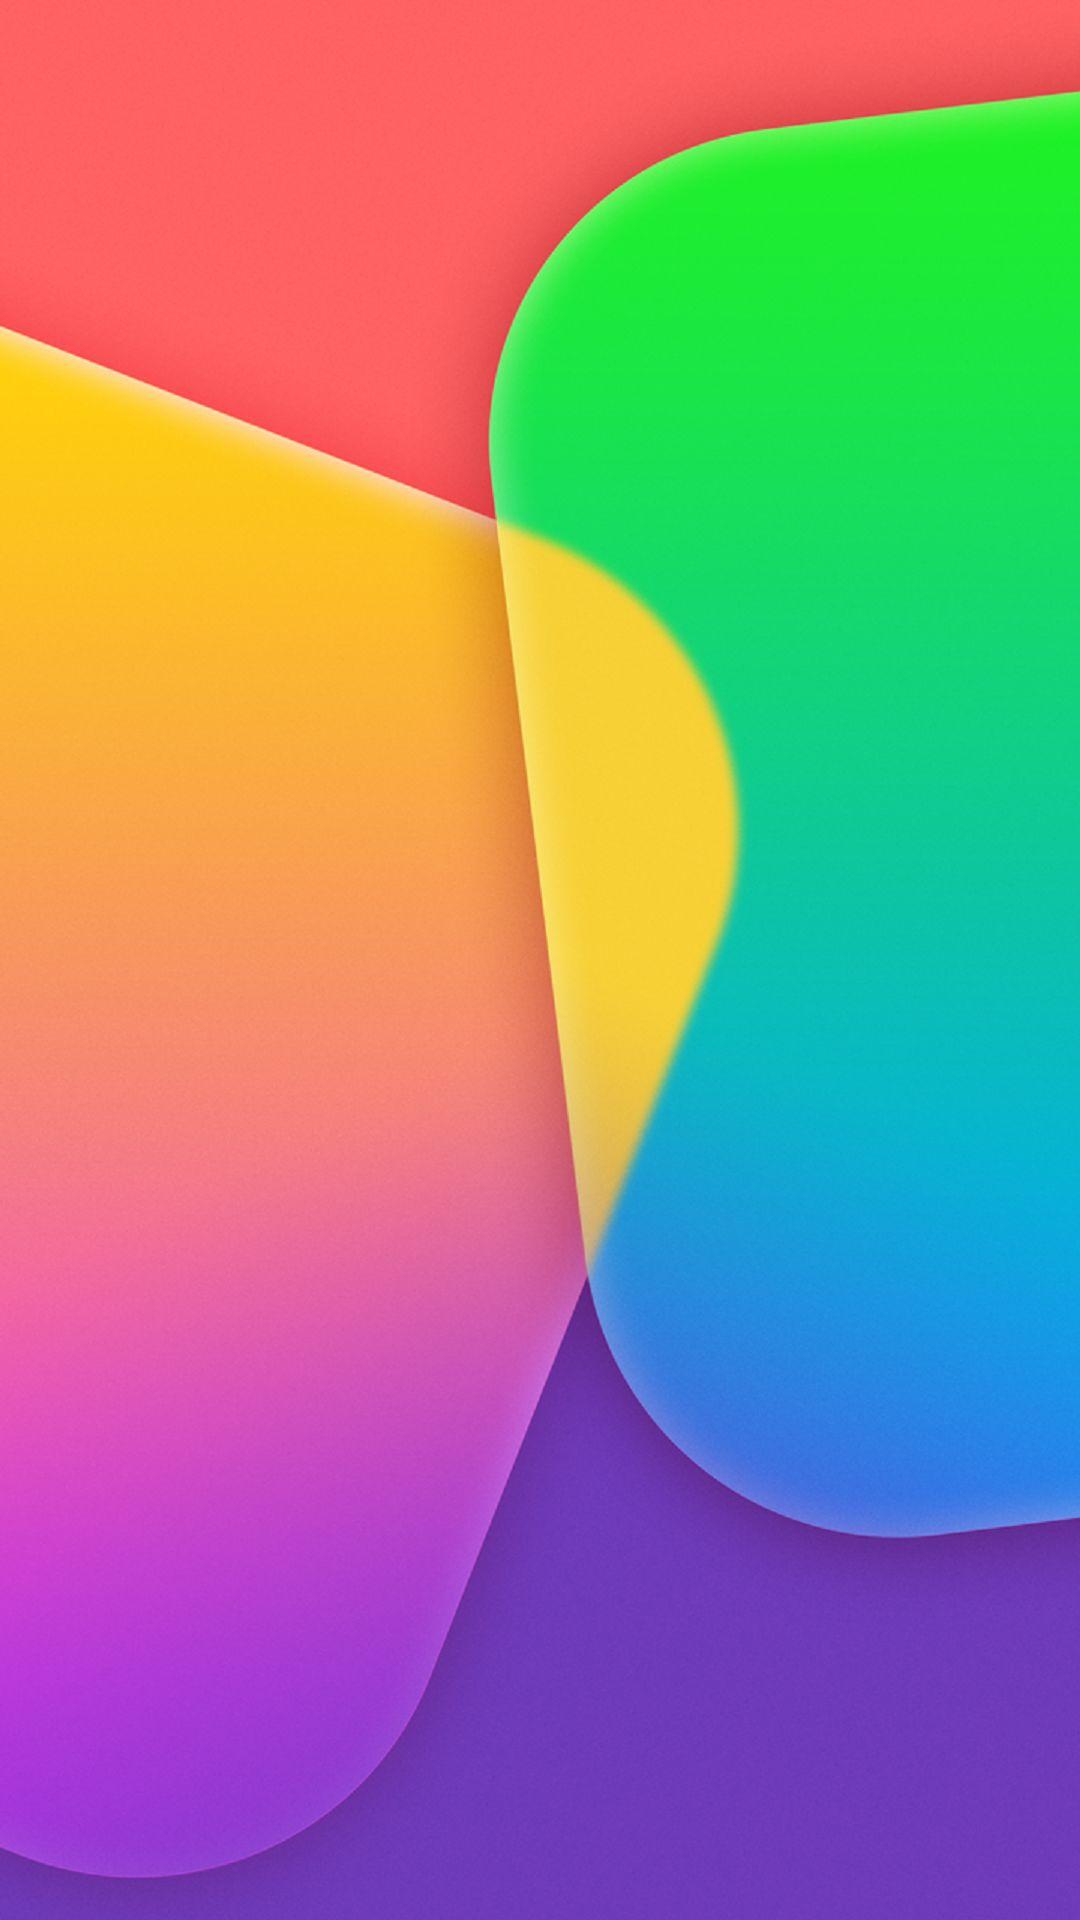 カラフルなアプリのタイルiphone 7 8 Plus抽象壁紙 Iphoneチーズ